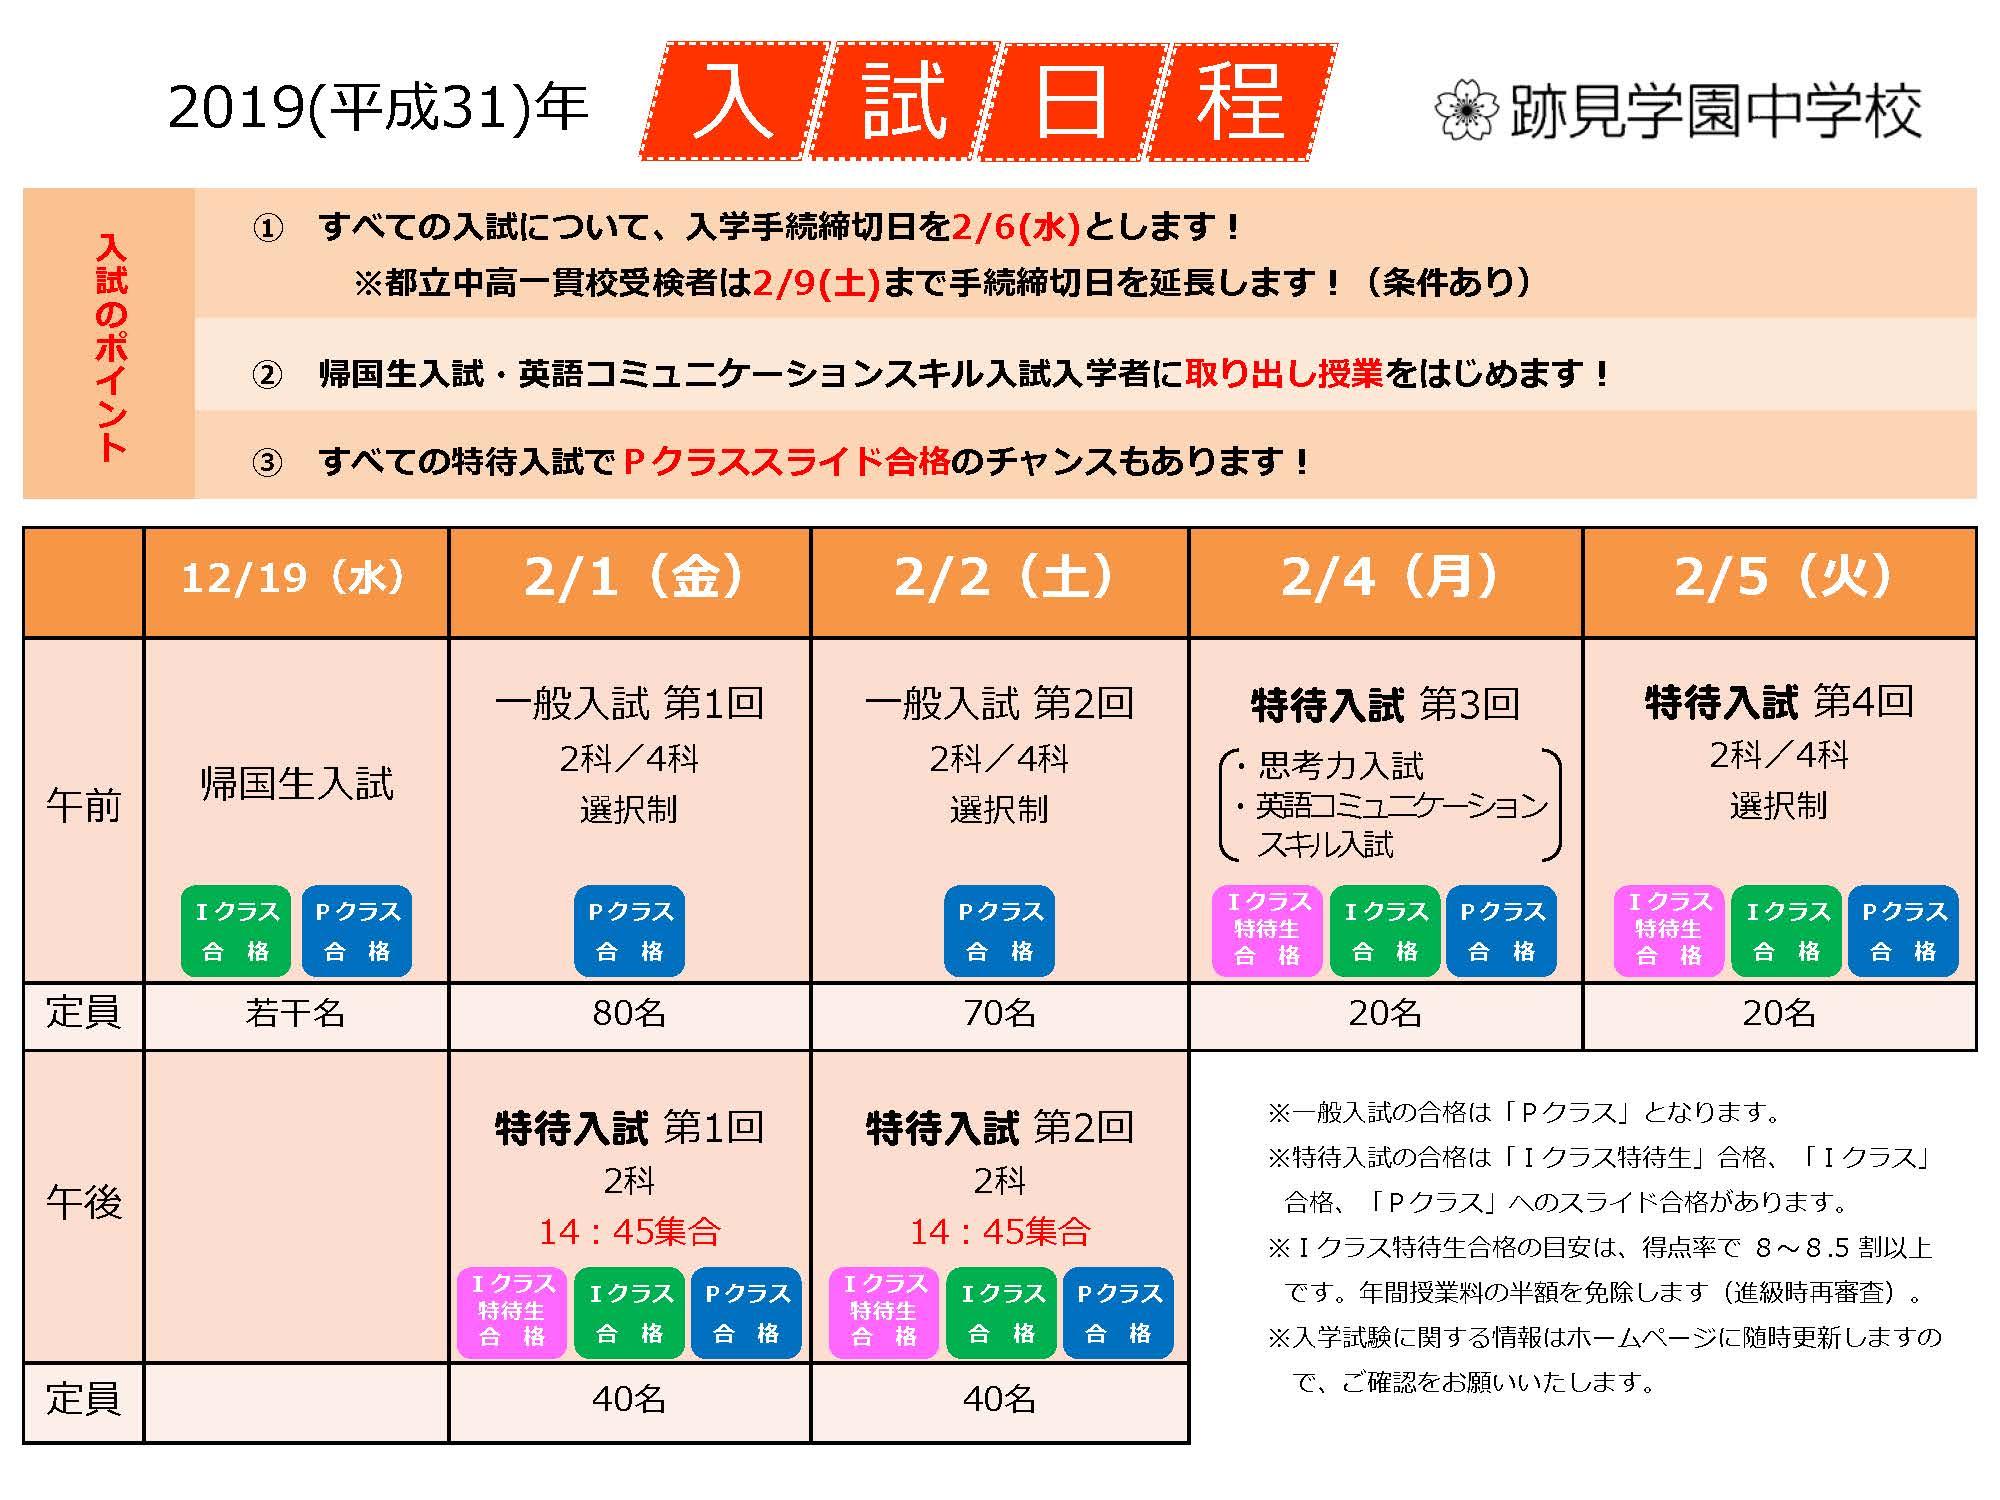 2019入試日程(オープンスクール用)①HP用